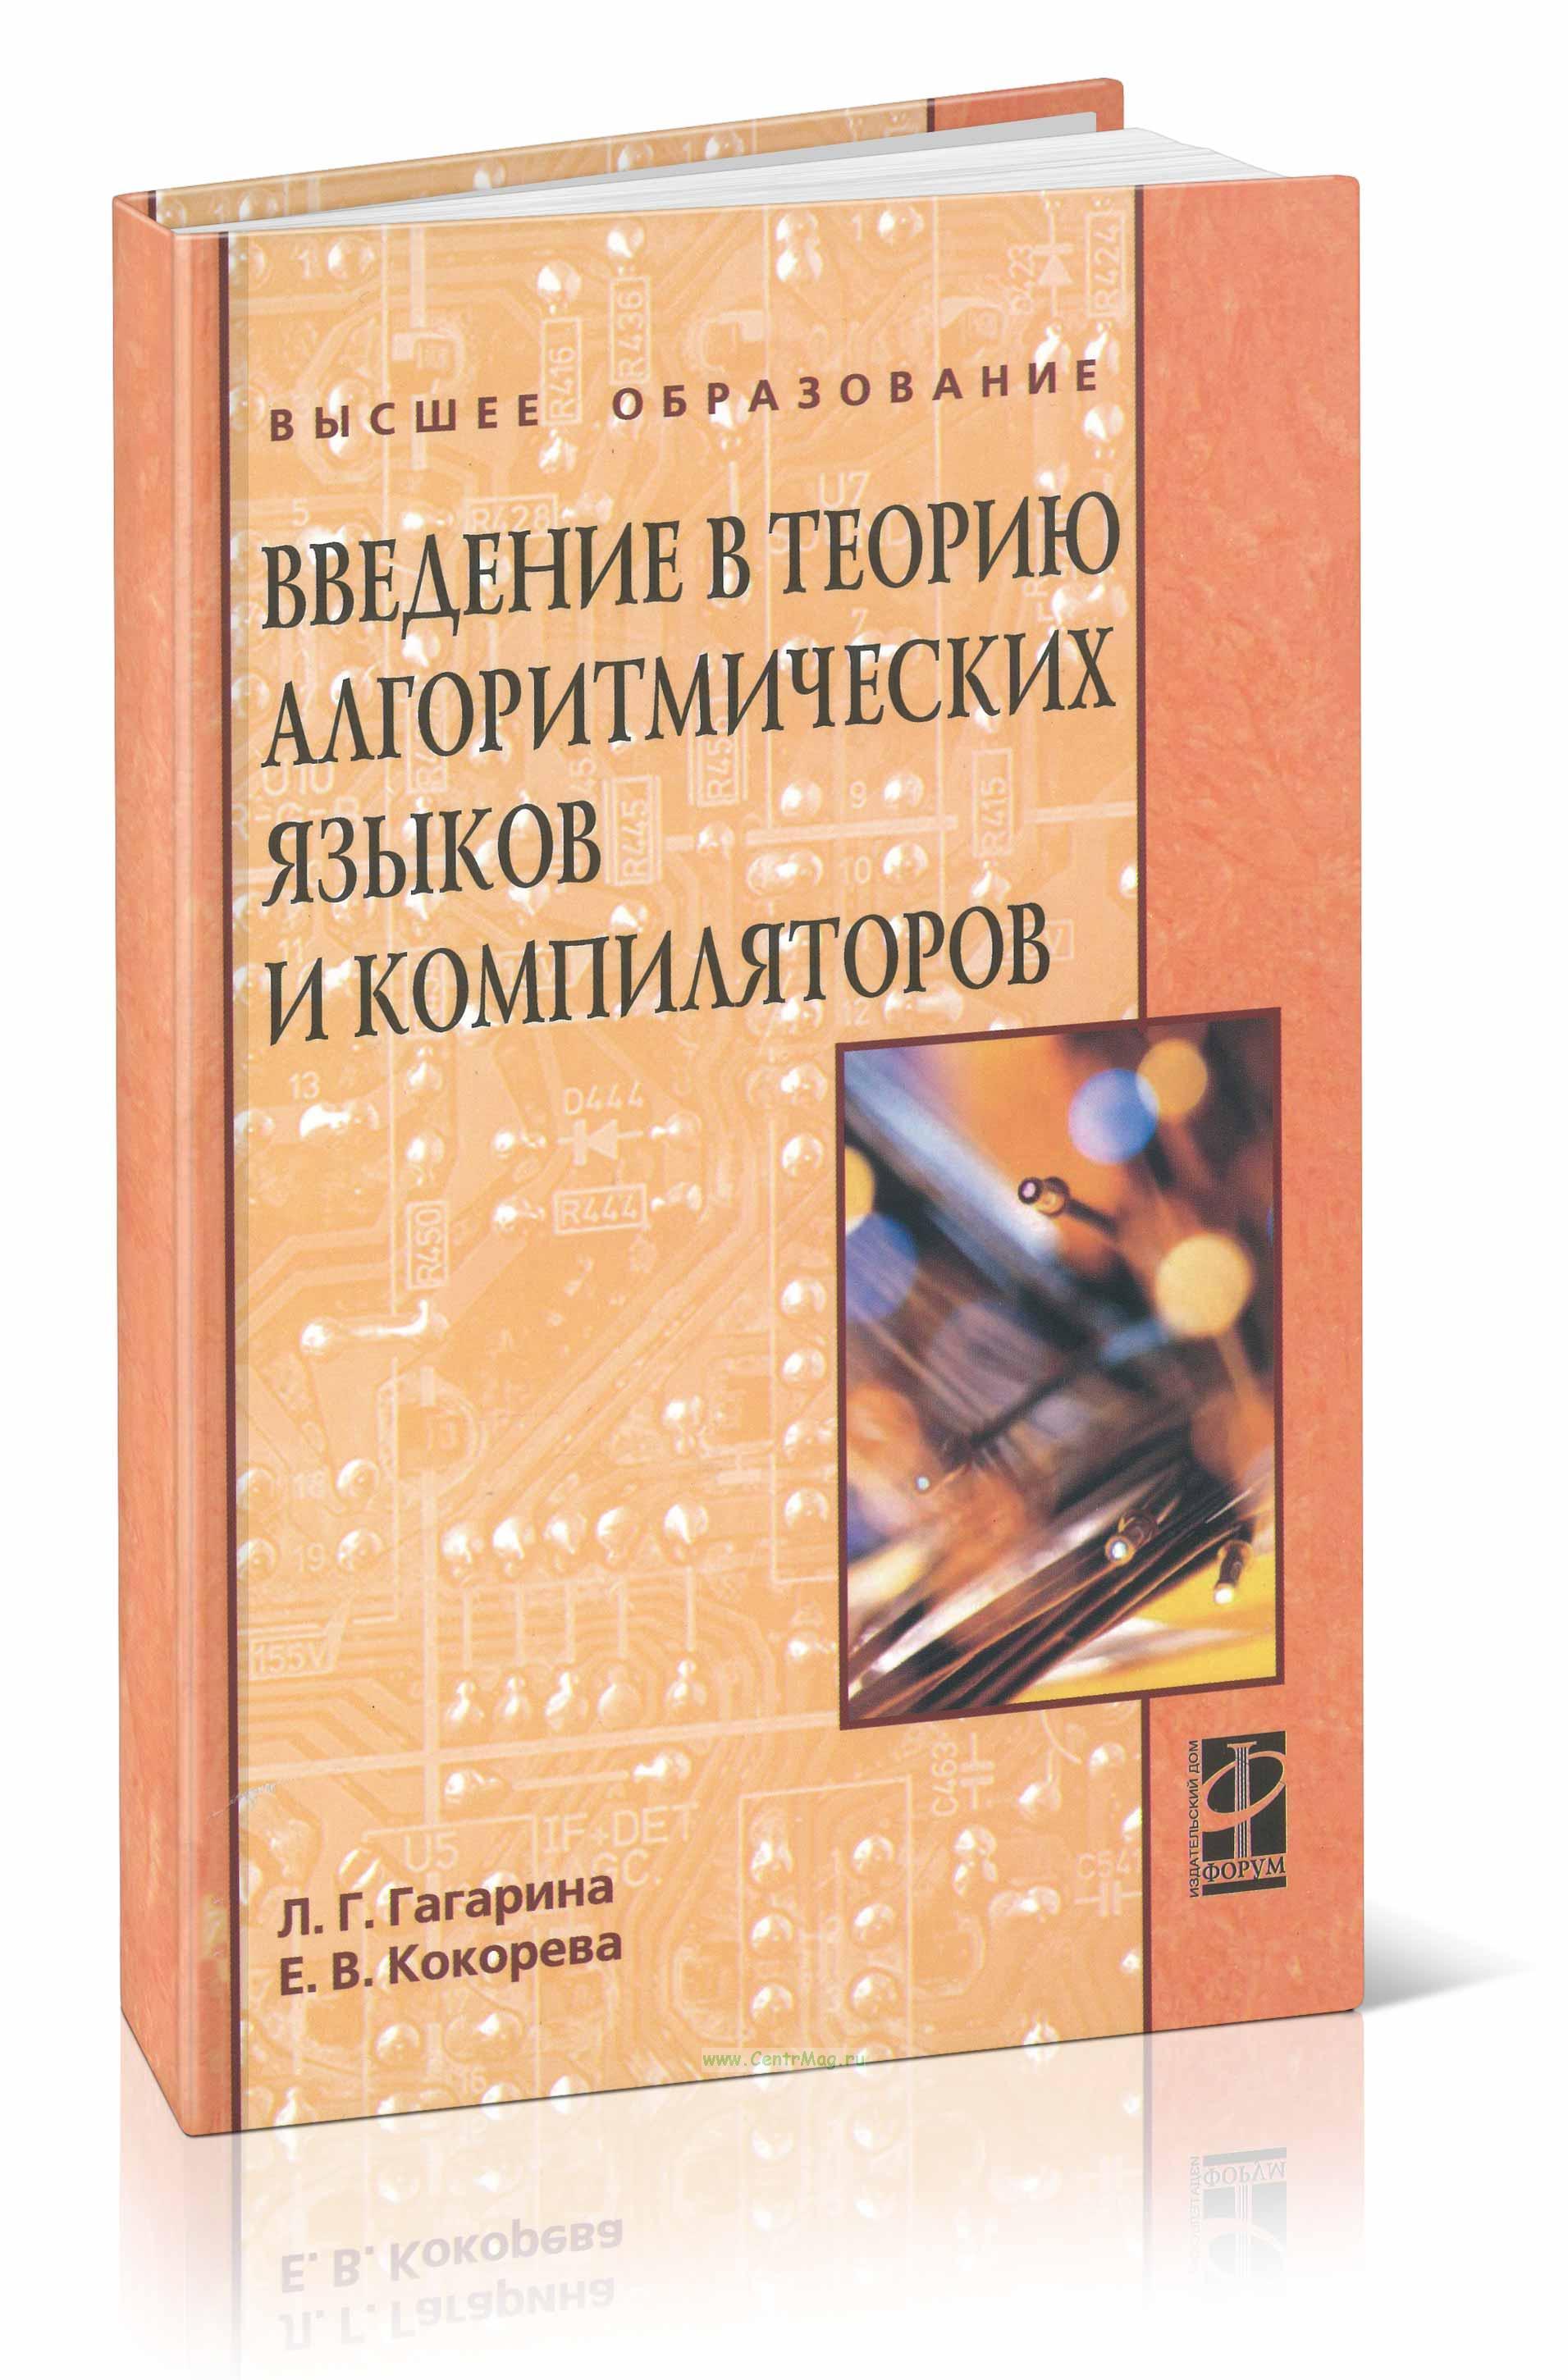 Введение в теорию алгоритмических языков и компиляторов: учебное пособие